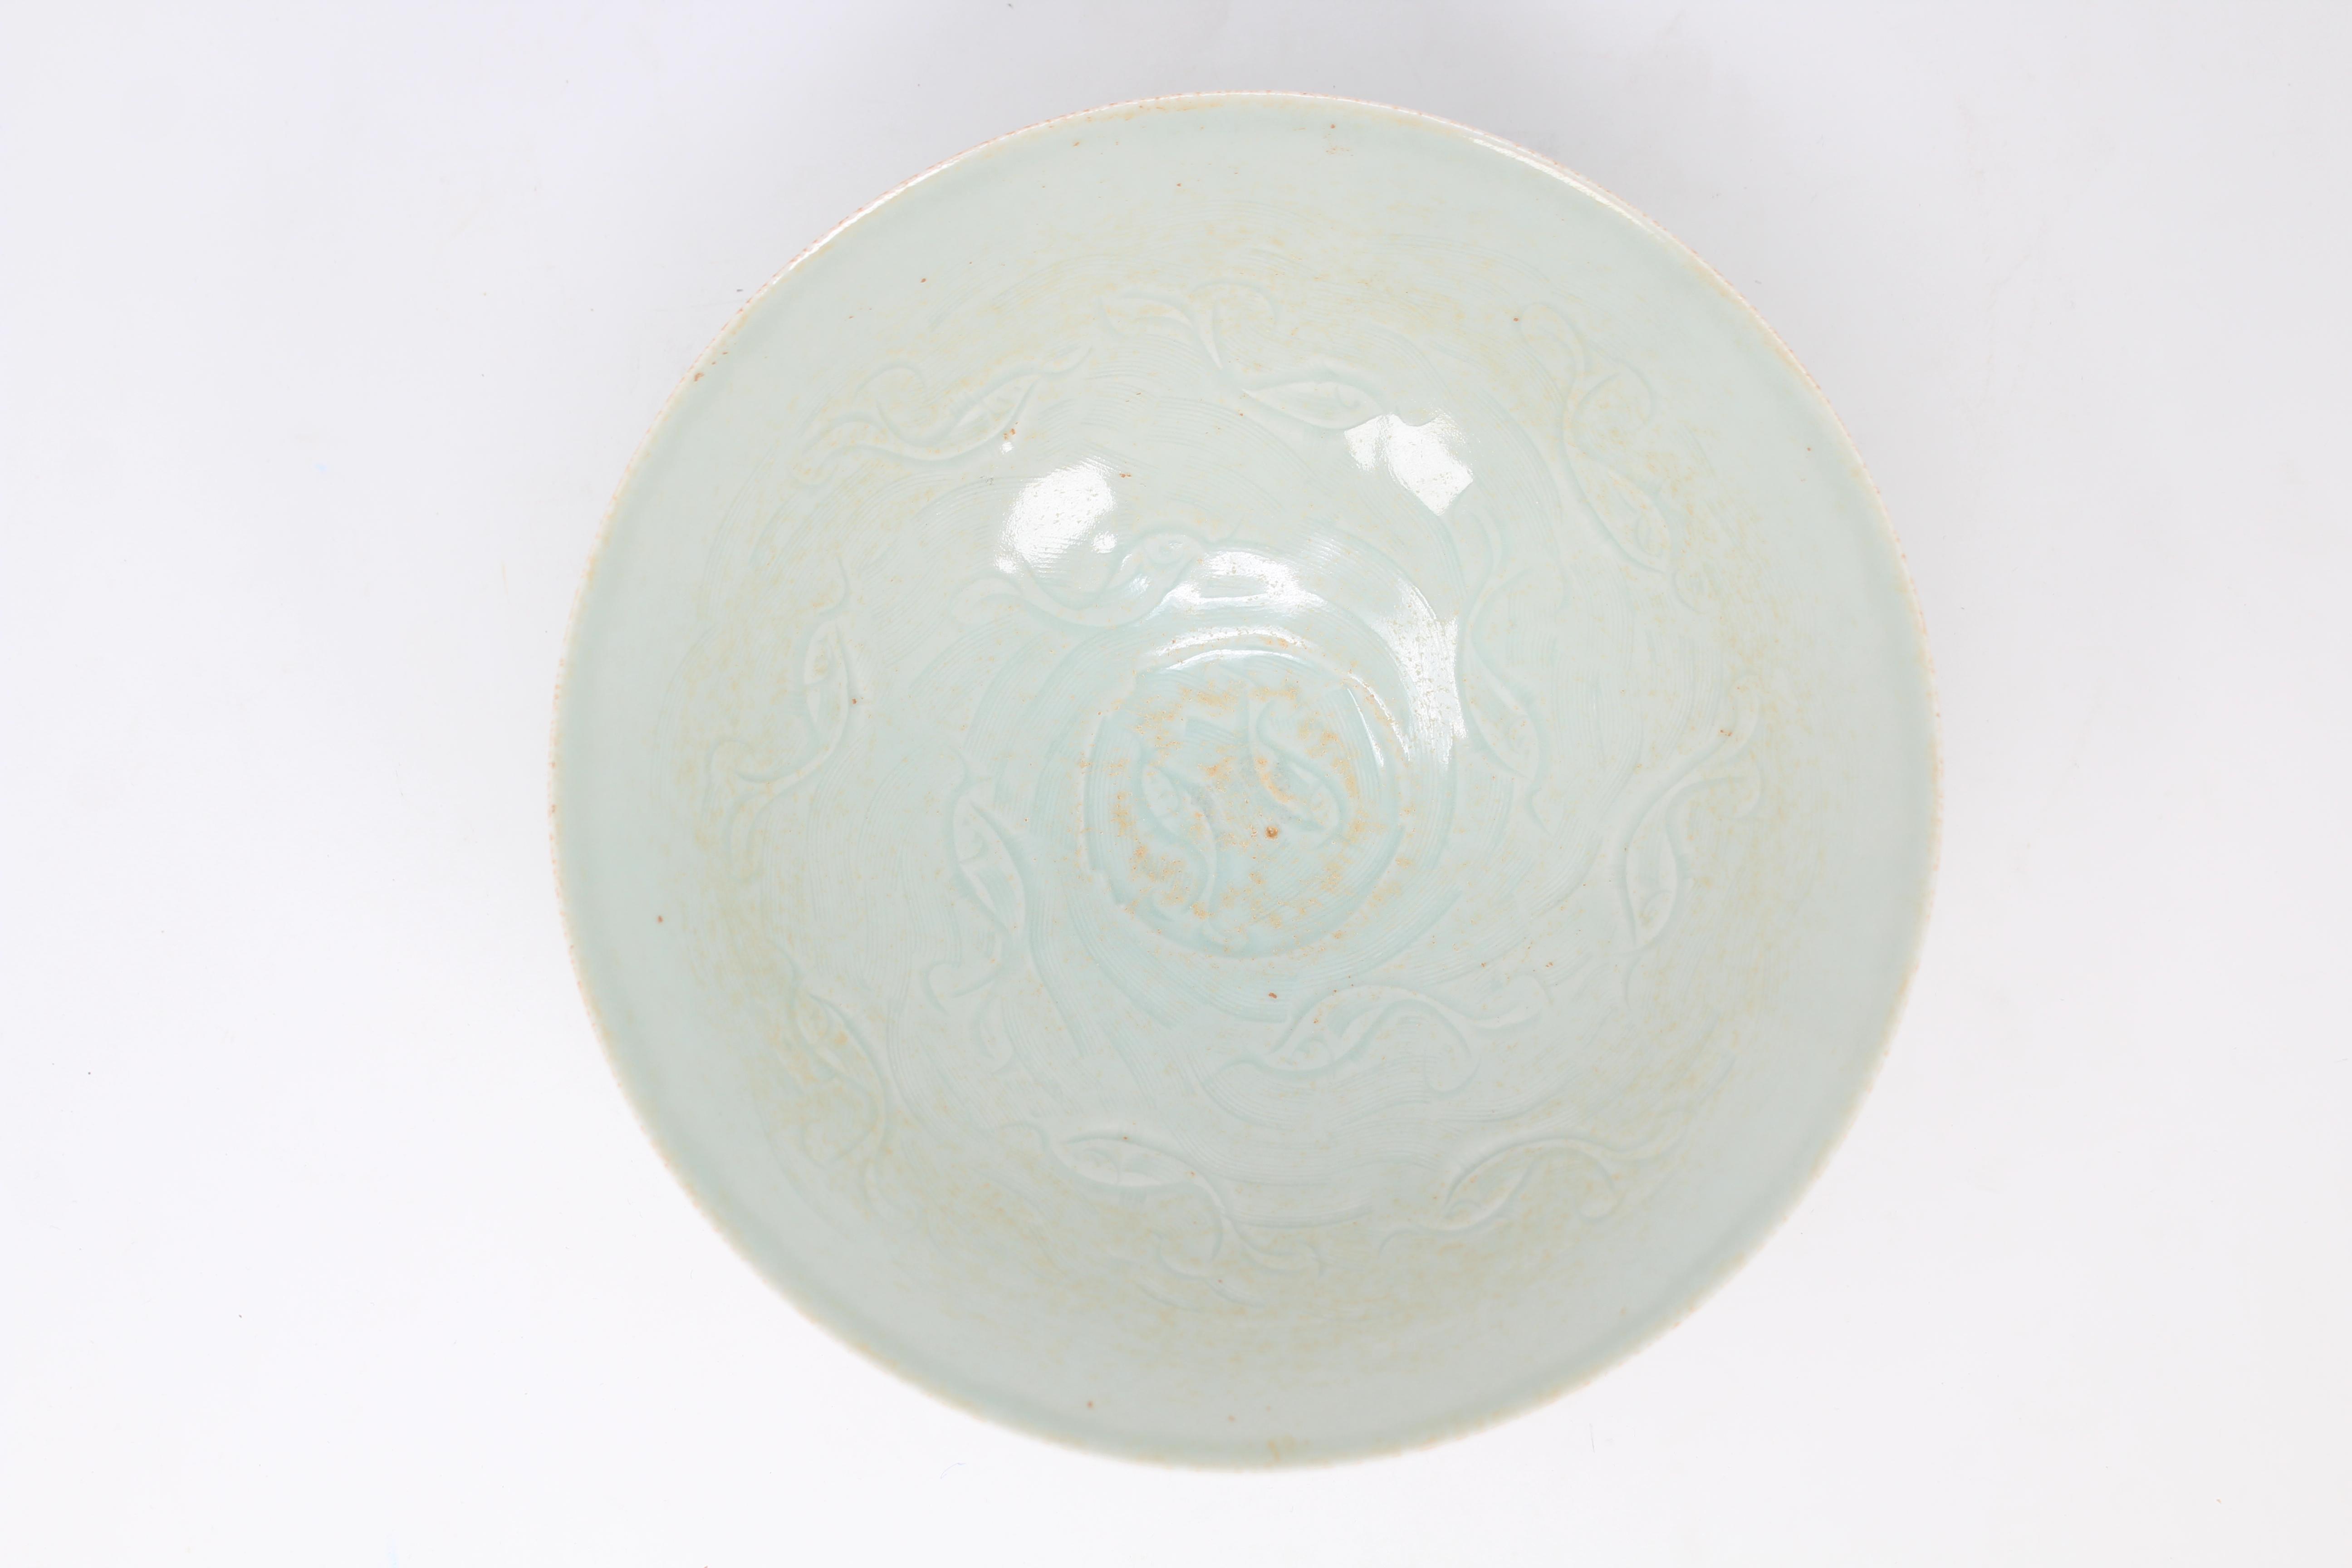 Lot 49 - Chinese Song Dynasty Qingbai Ware Bowl